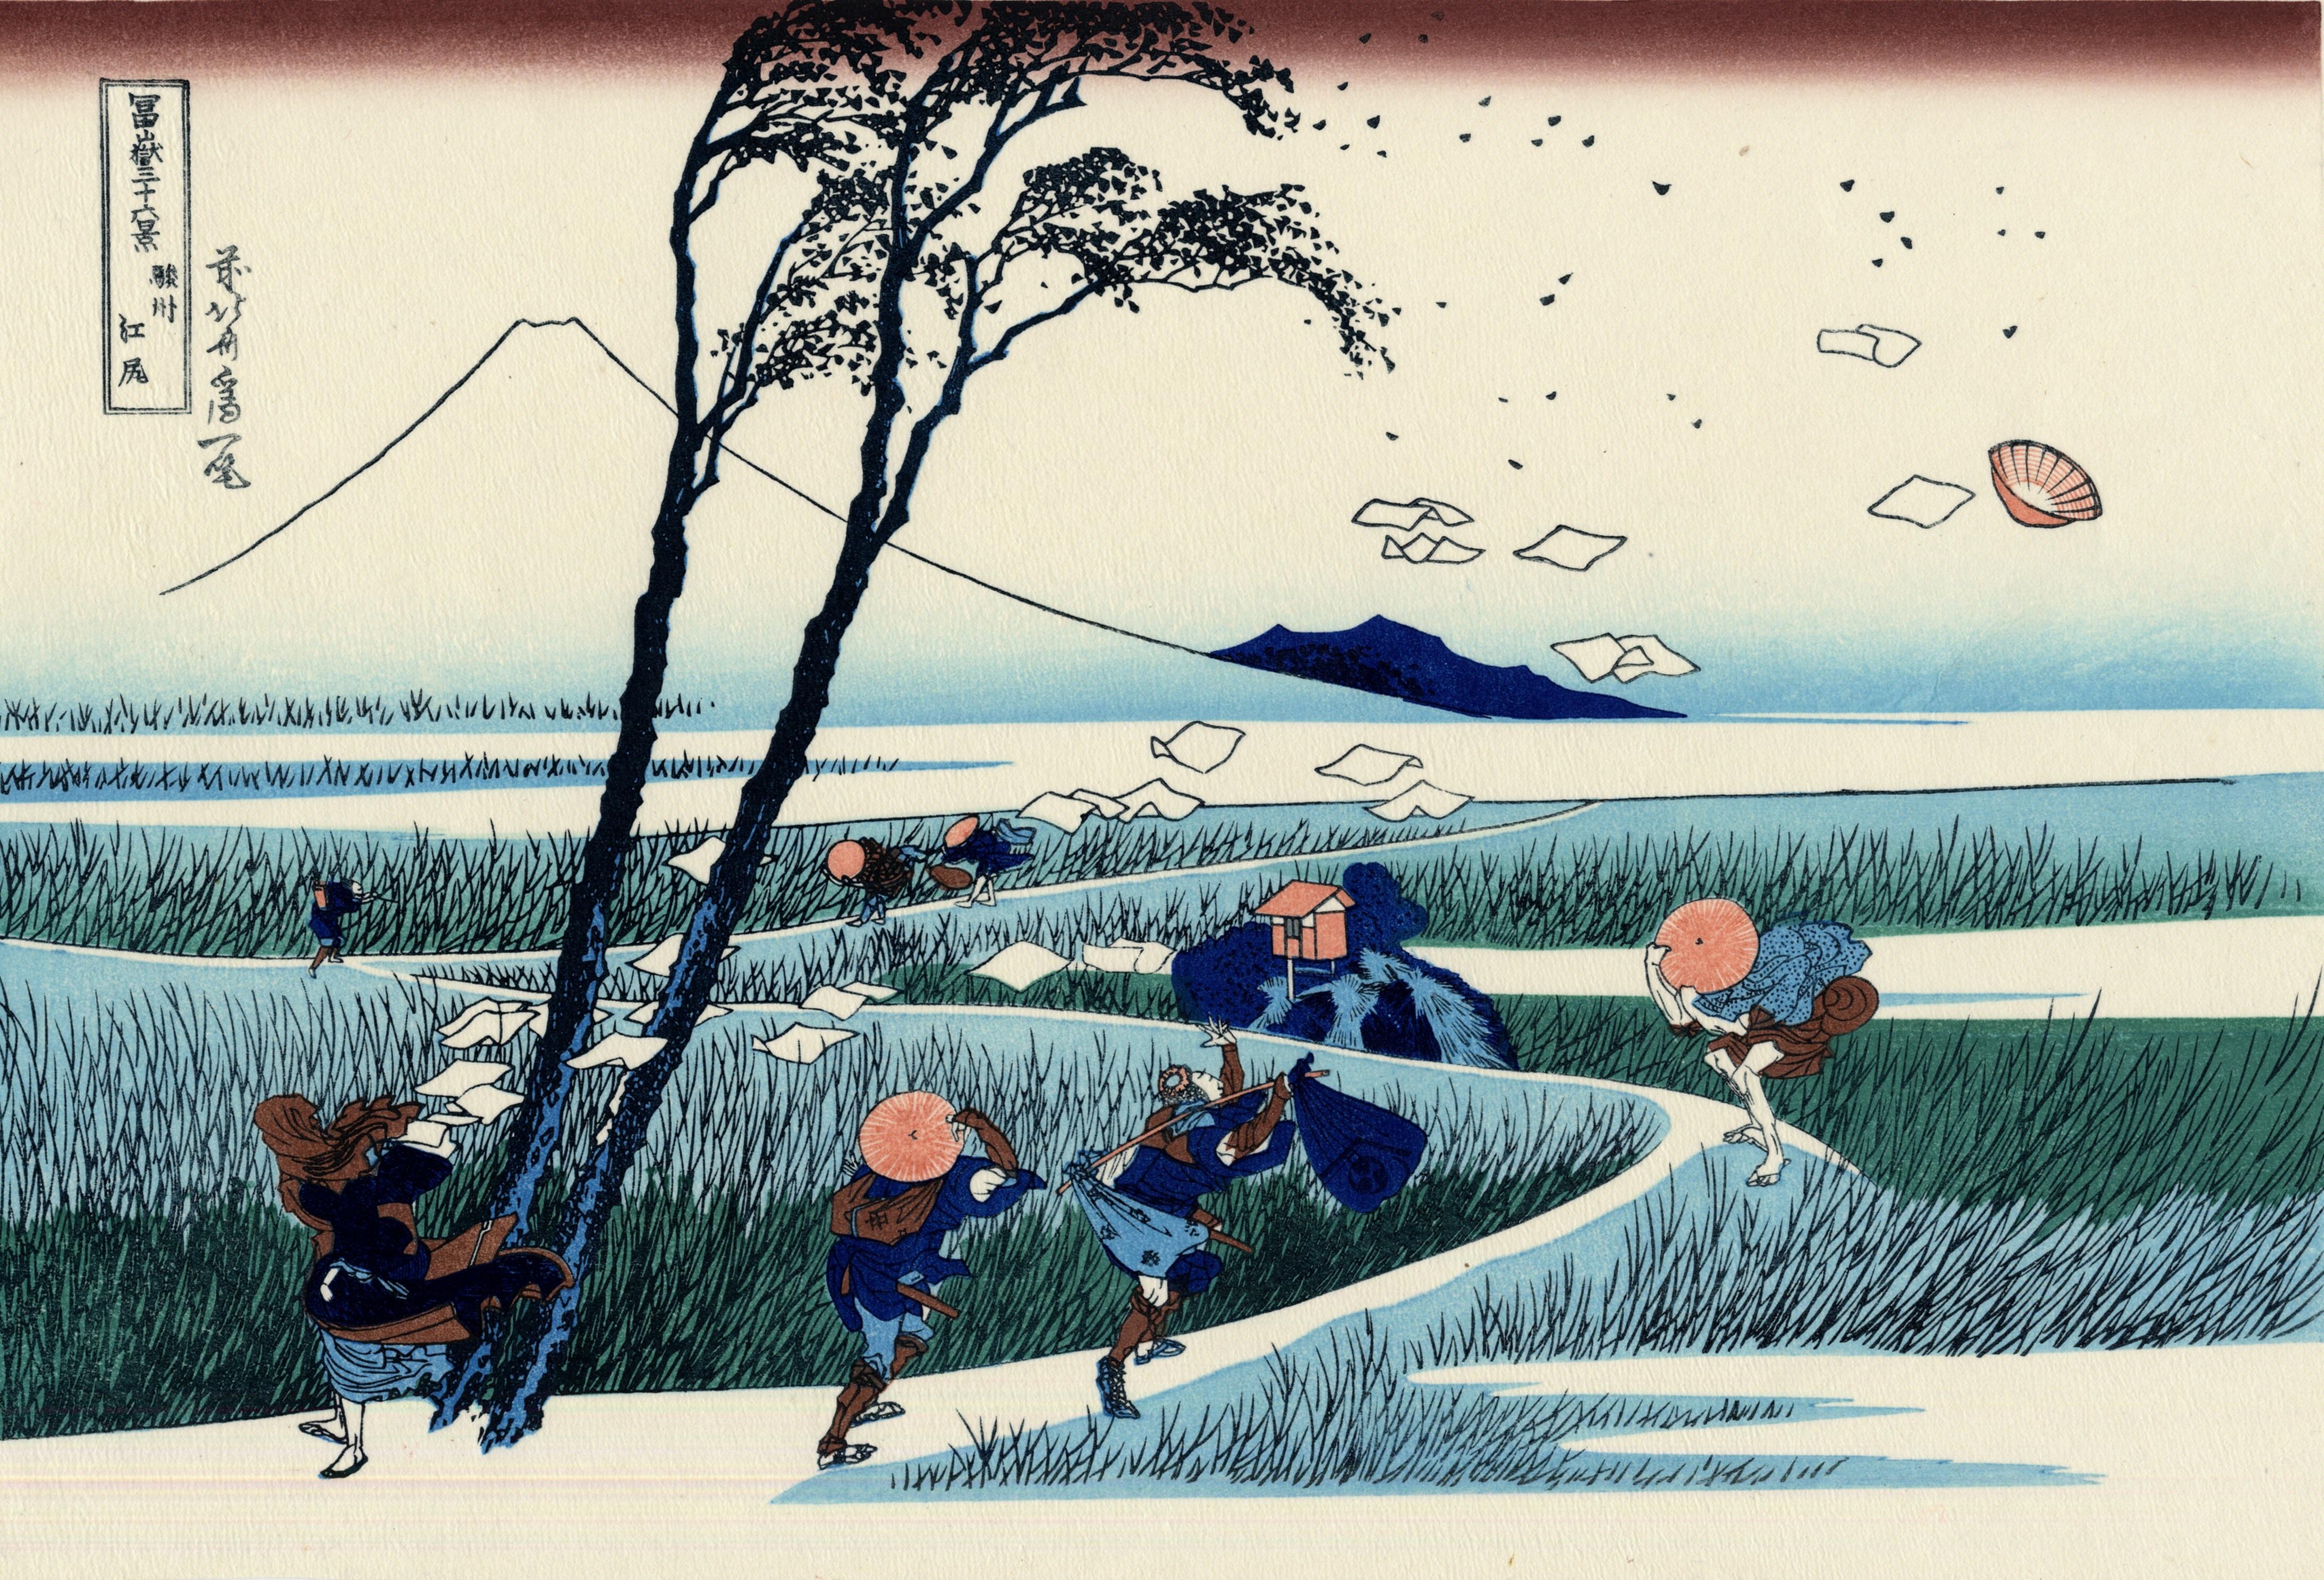 葛飾 北斎/かつしか ほくさい 巨浪(视频) - 水木白艺术坊 - 贵阳画室 高考美术培训